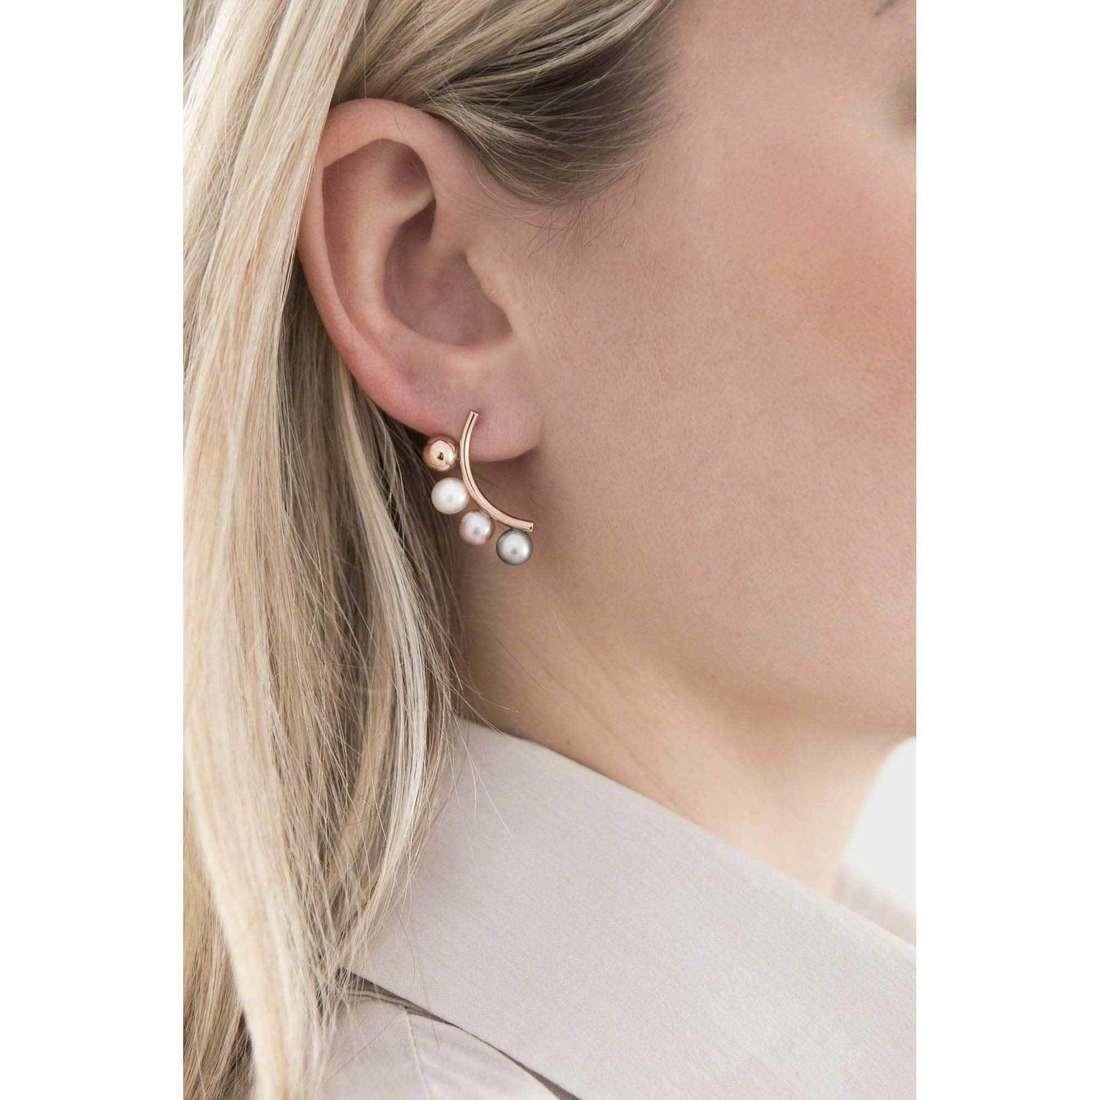 Morellato orecchini Lunae donna SADX03 indosso